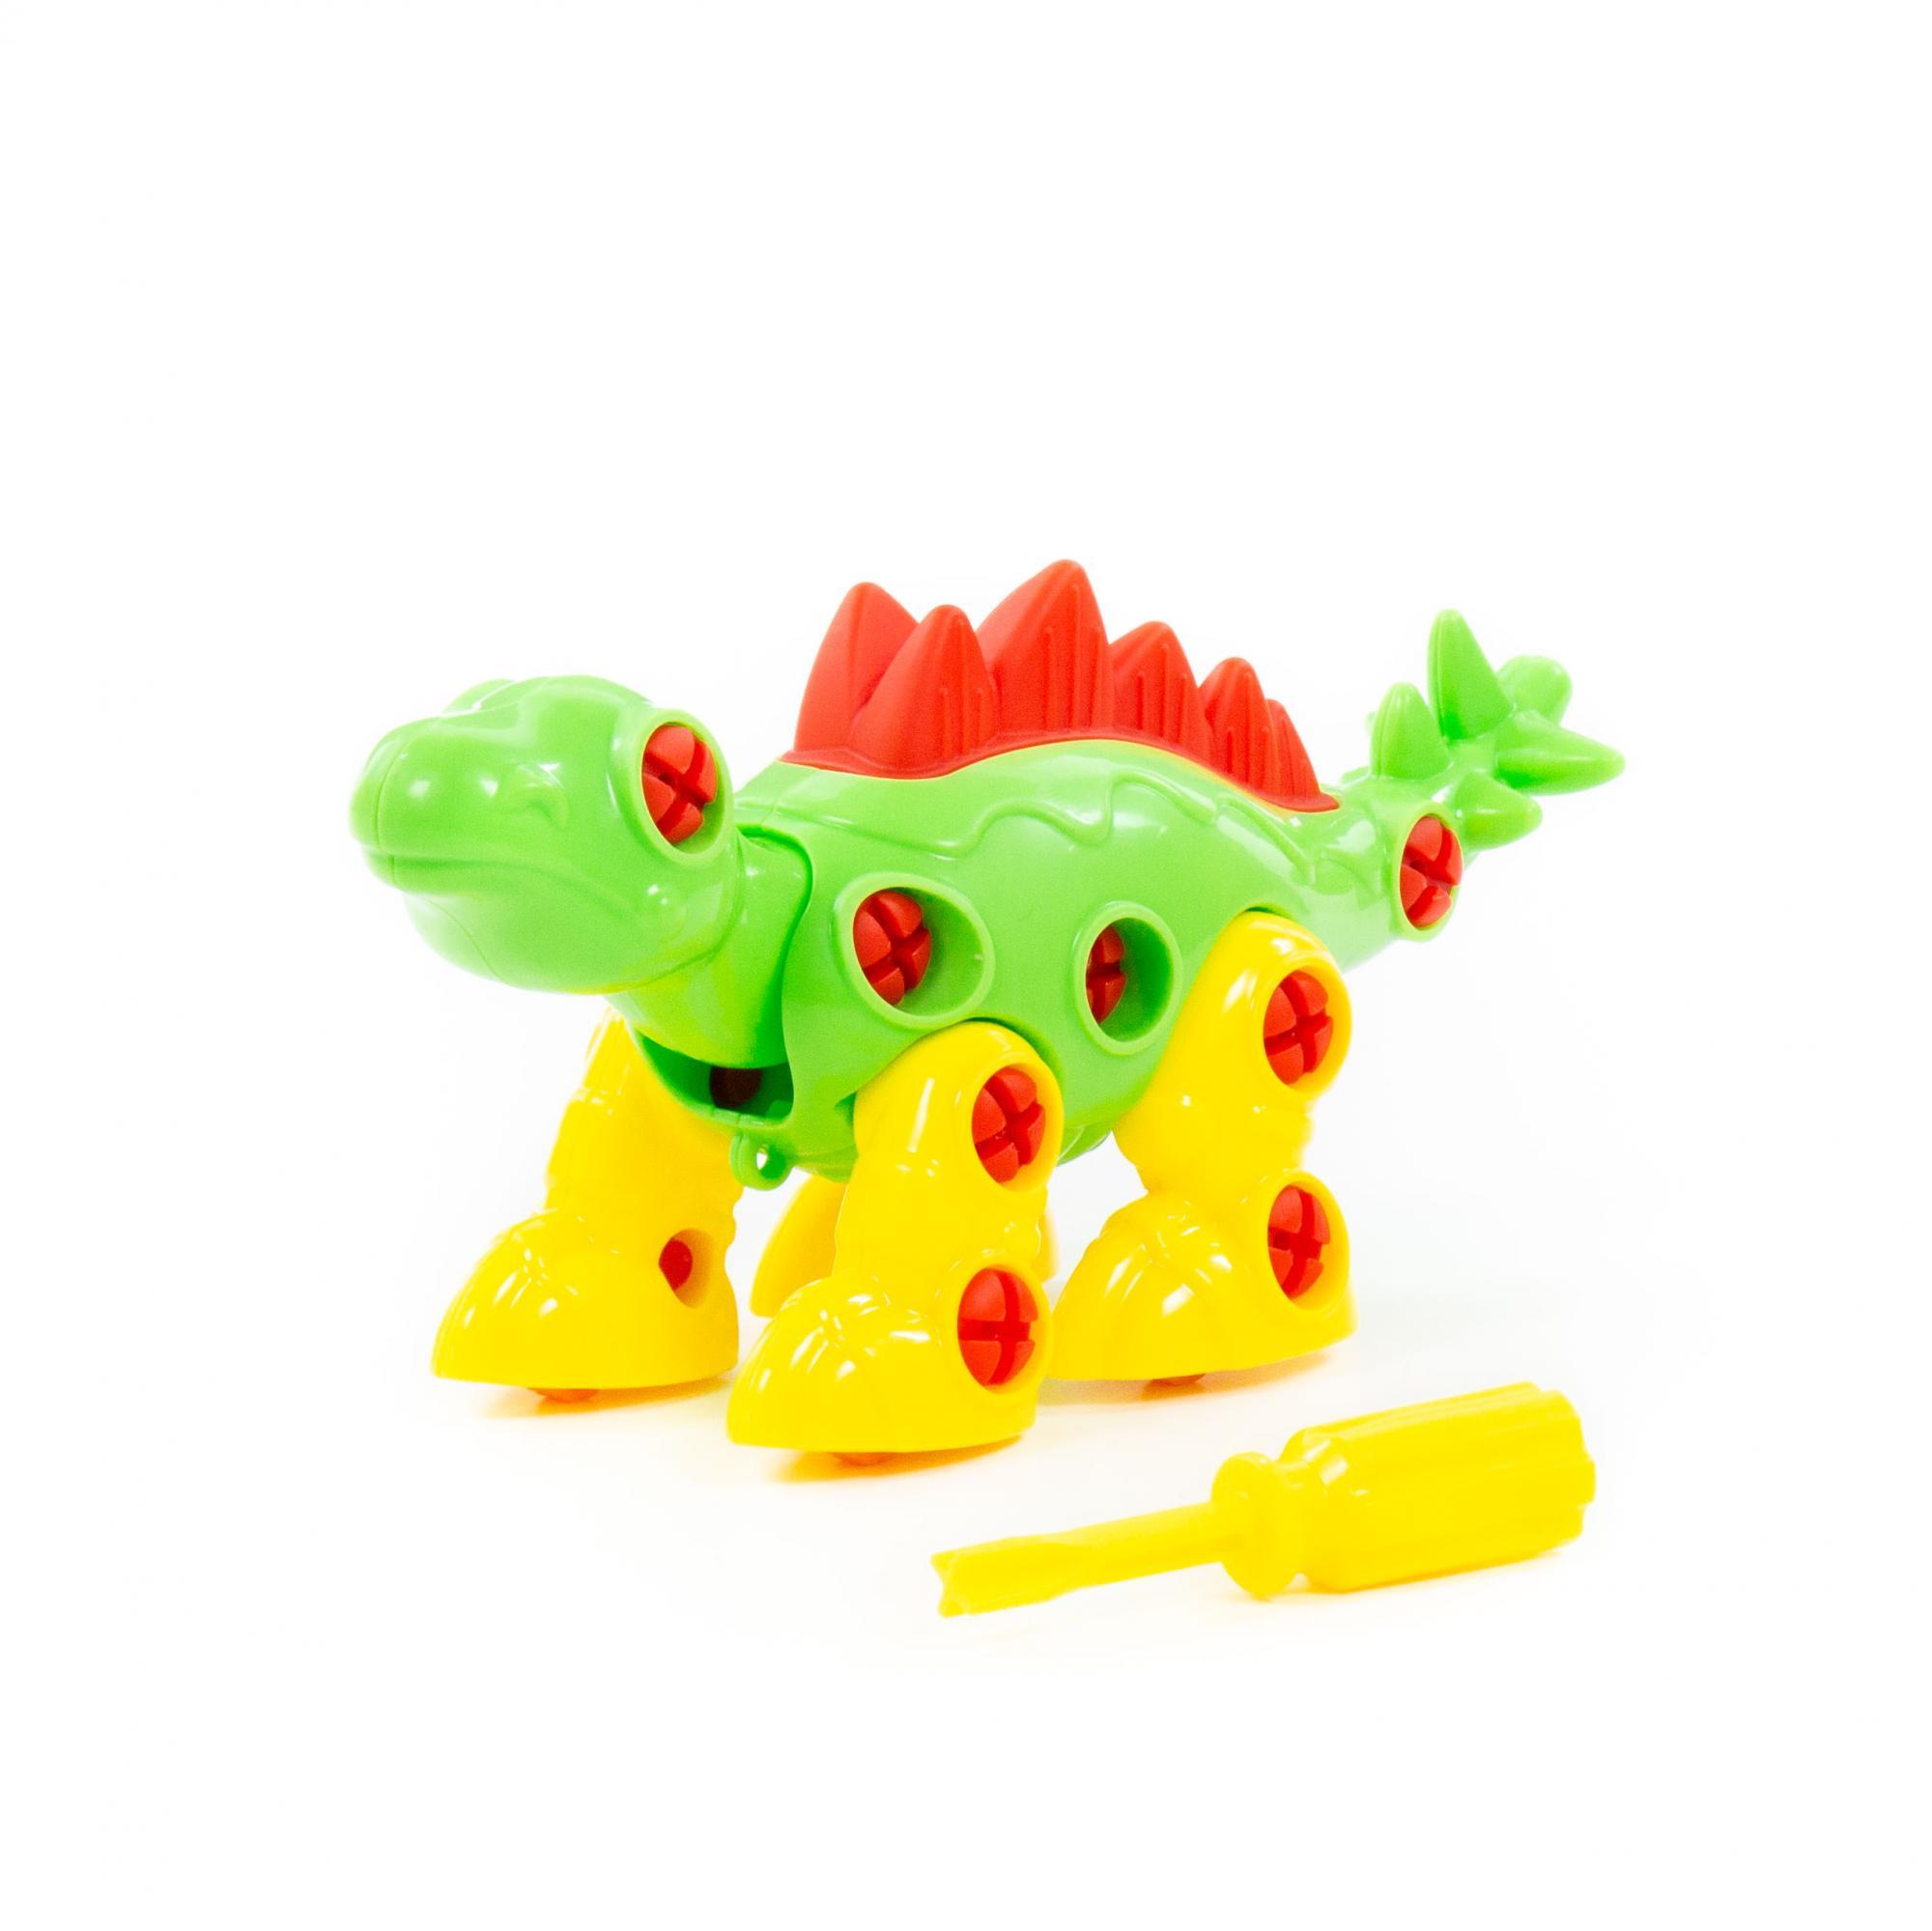 Купить Конструктор-динозавр Полесье Стегозавр, 30 деталей, Конструкторы пластмассовые